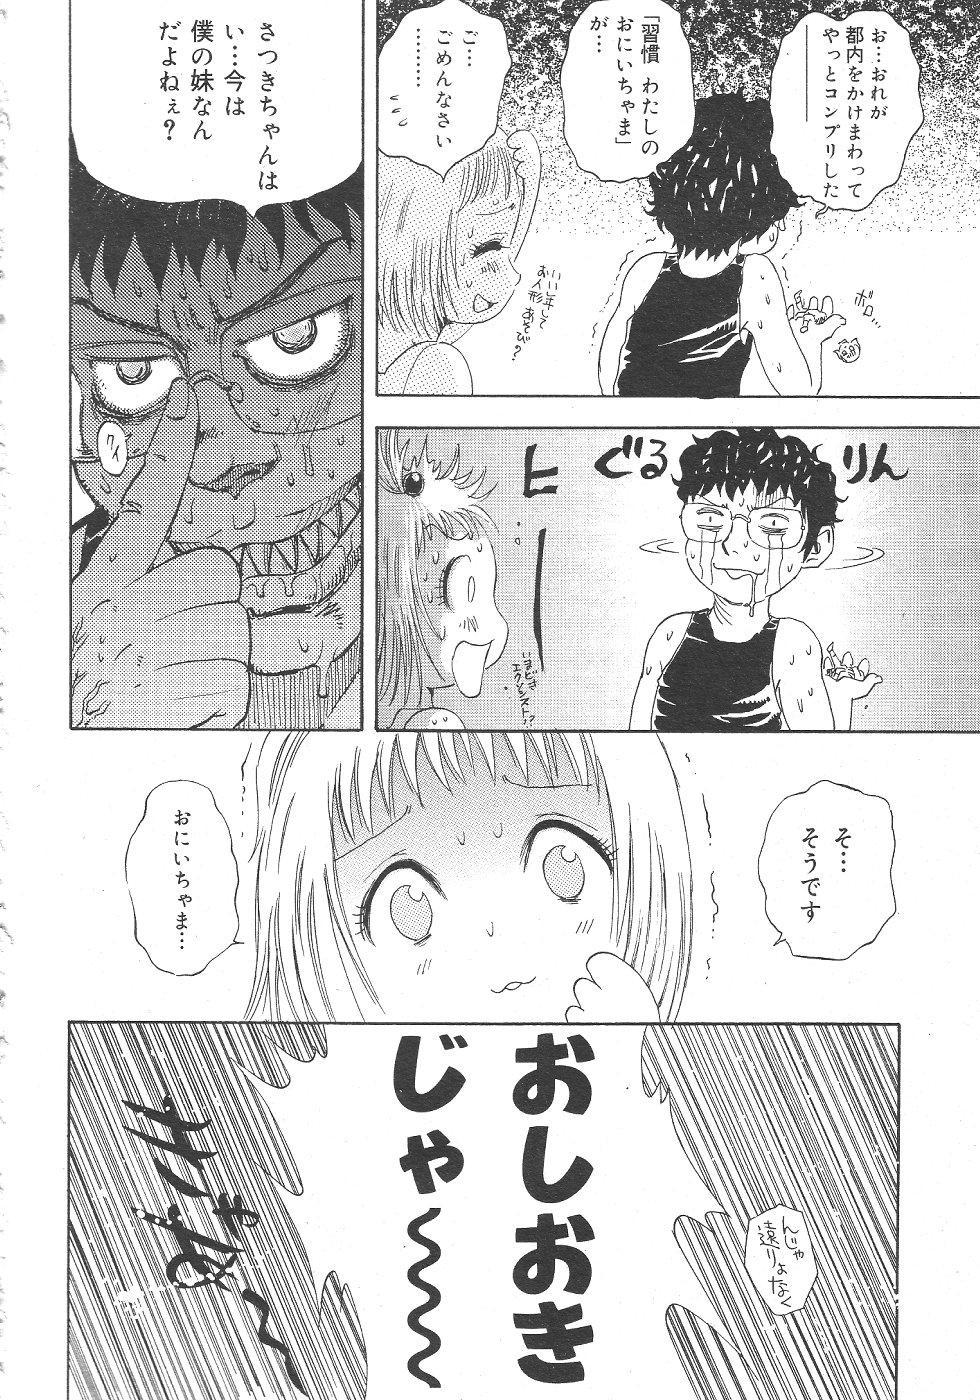 Gekkan Comic Muga 2004-06 Vol.10 335